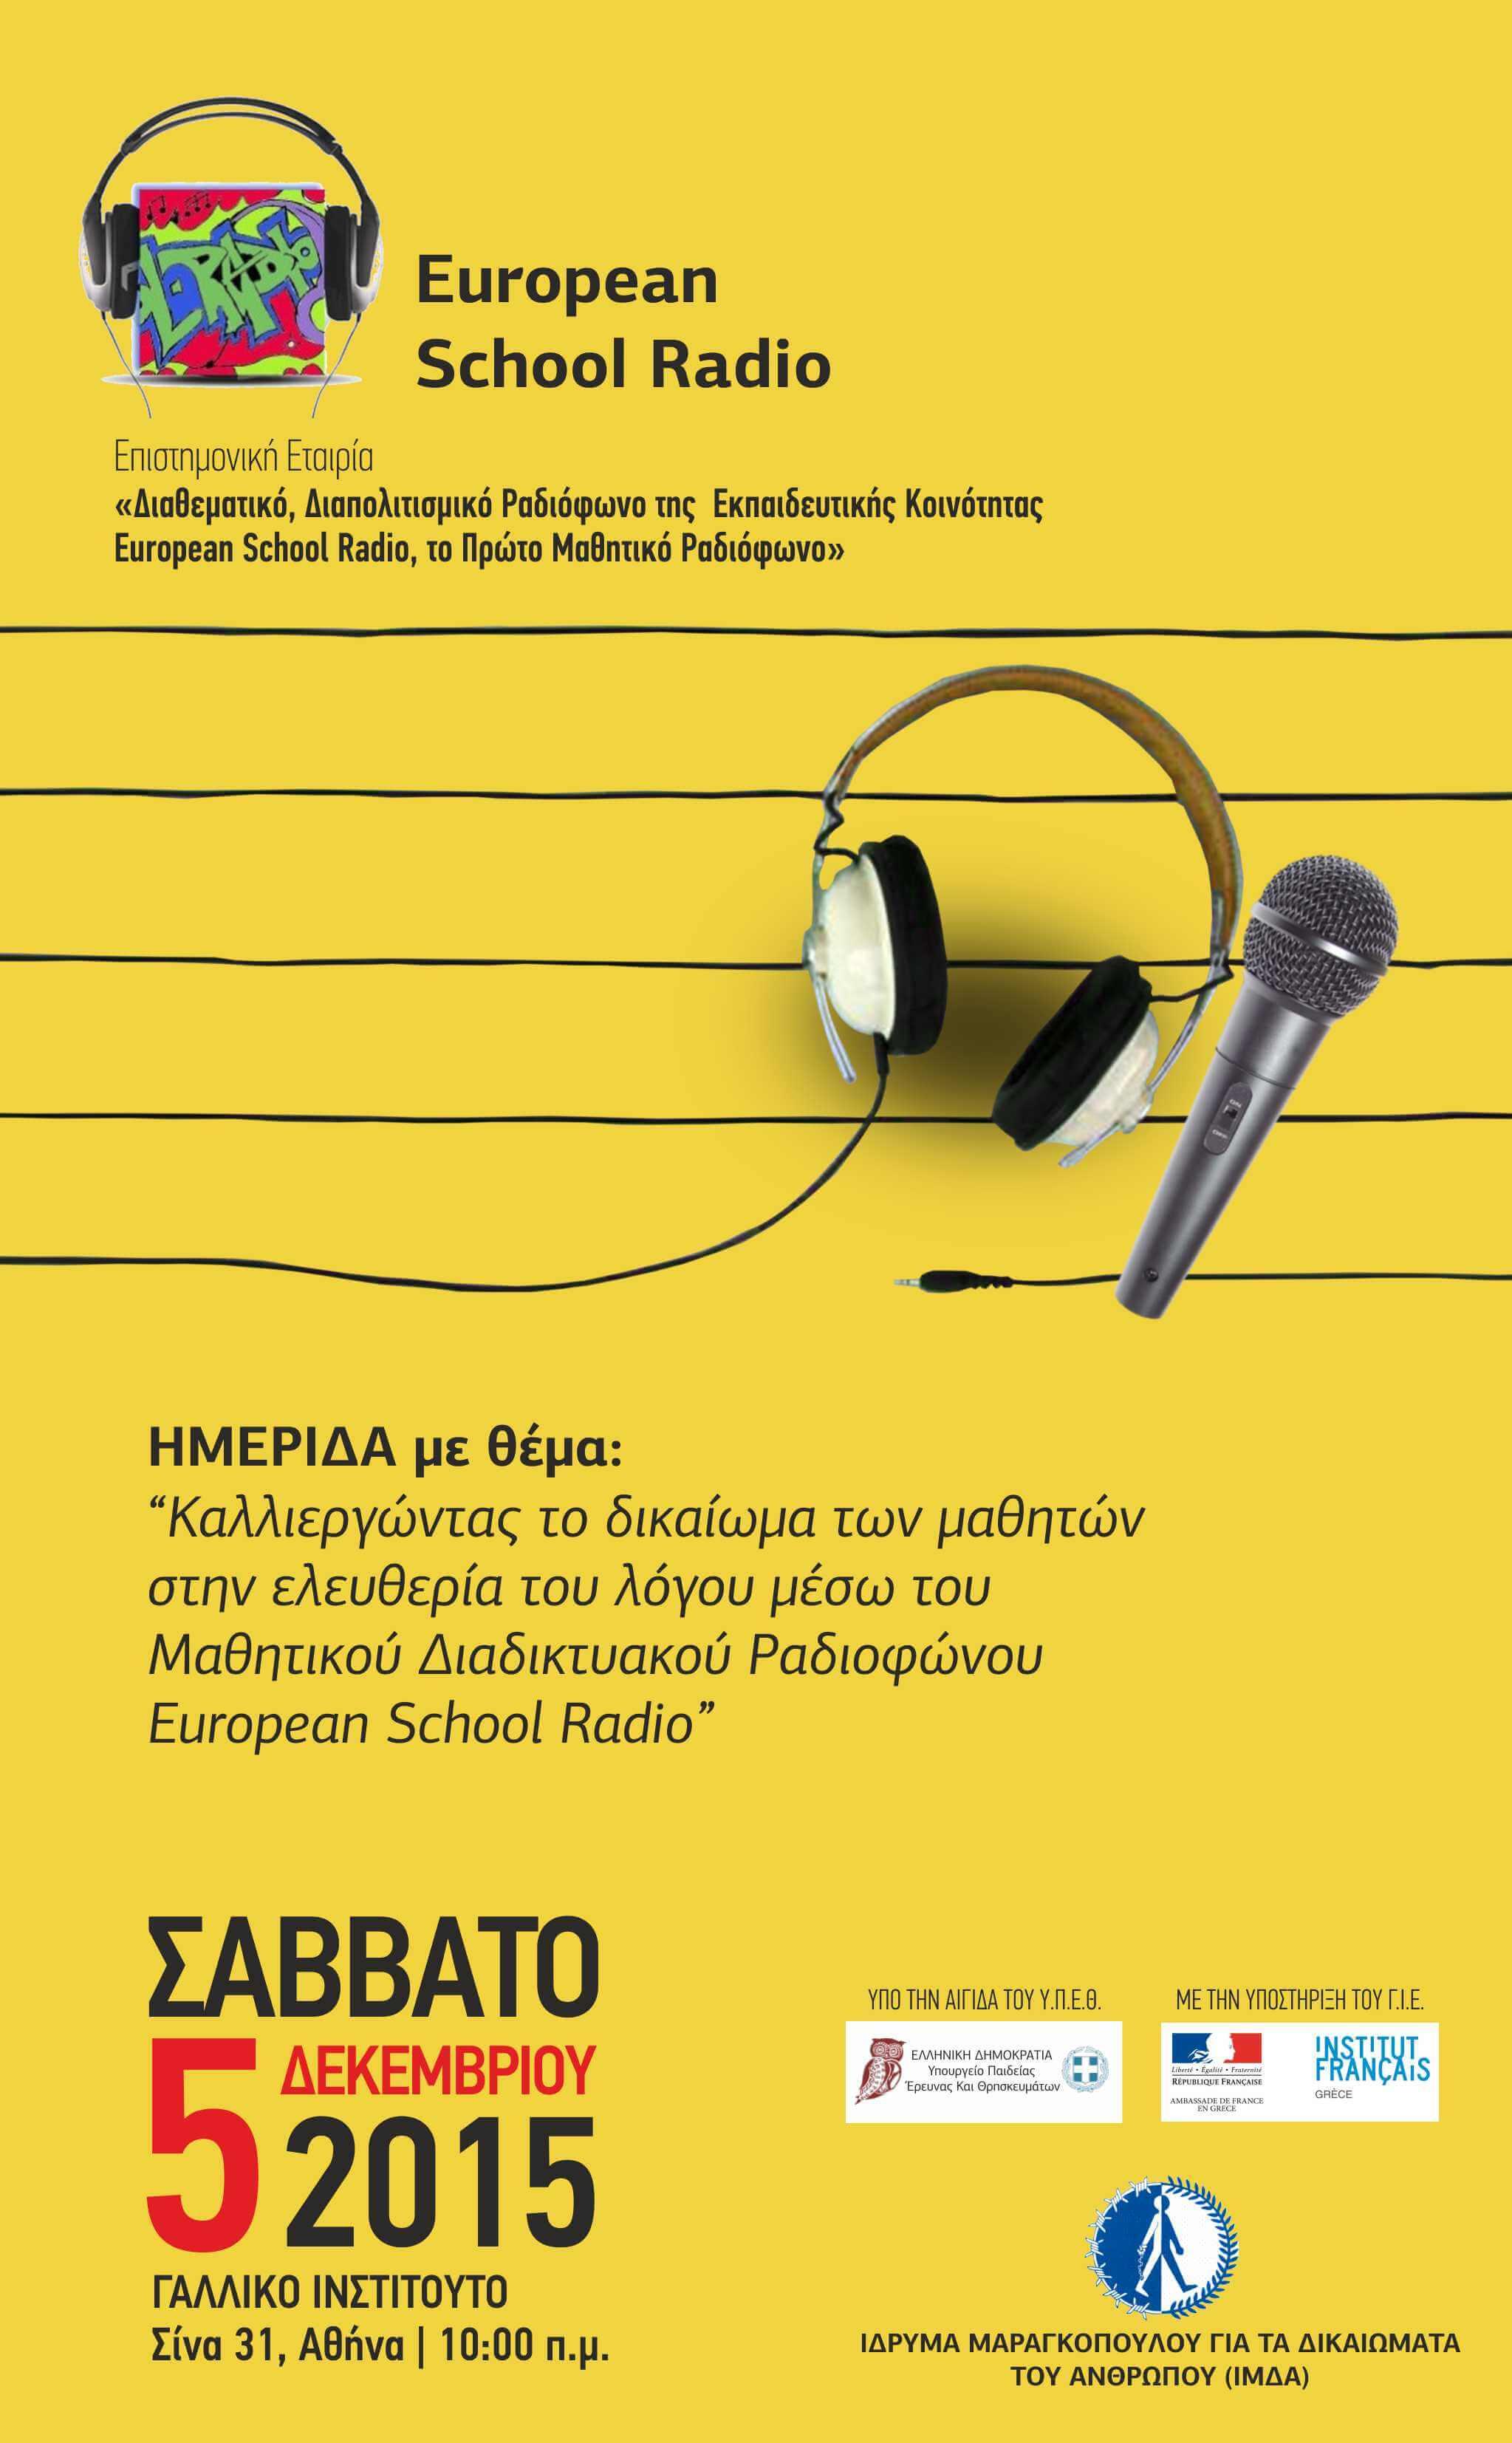 """Πρόσκληση συμμετοχής στην Ημερίδα """"Καλλιεργώντας το δικαίωμα των μαθητών στην ελευθερία του λόγου μέσω του Μαθητικού Διαδικτυακού Ραδιοφώνου"""""""